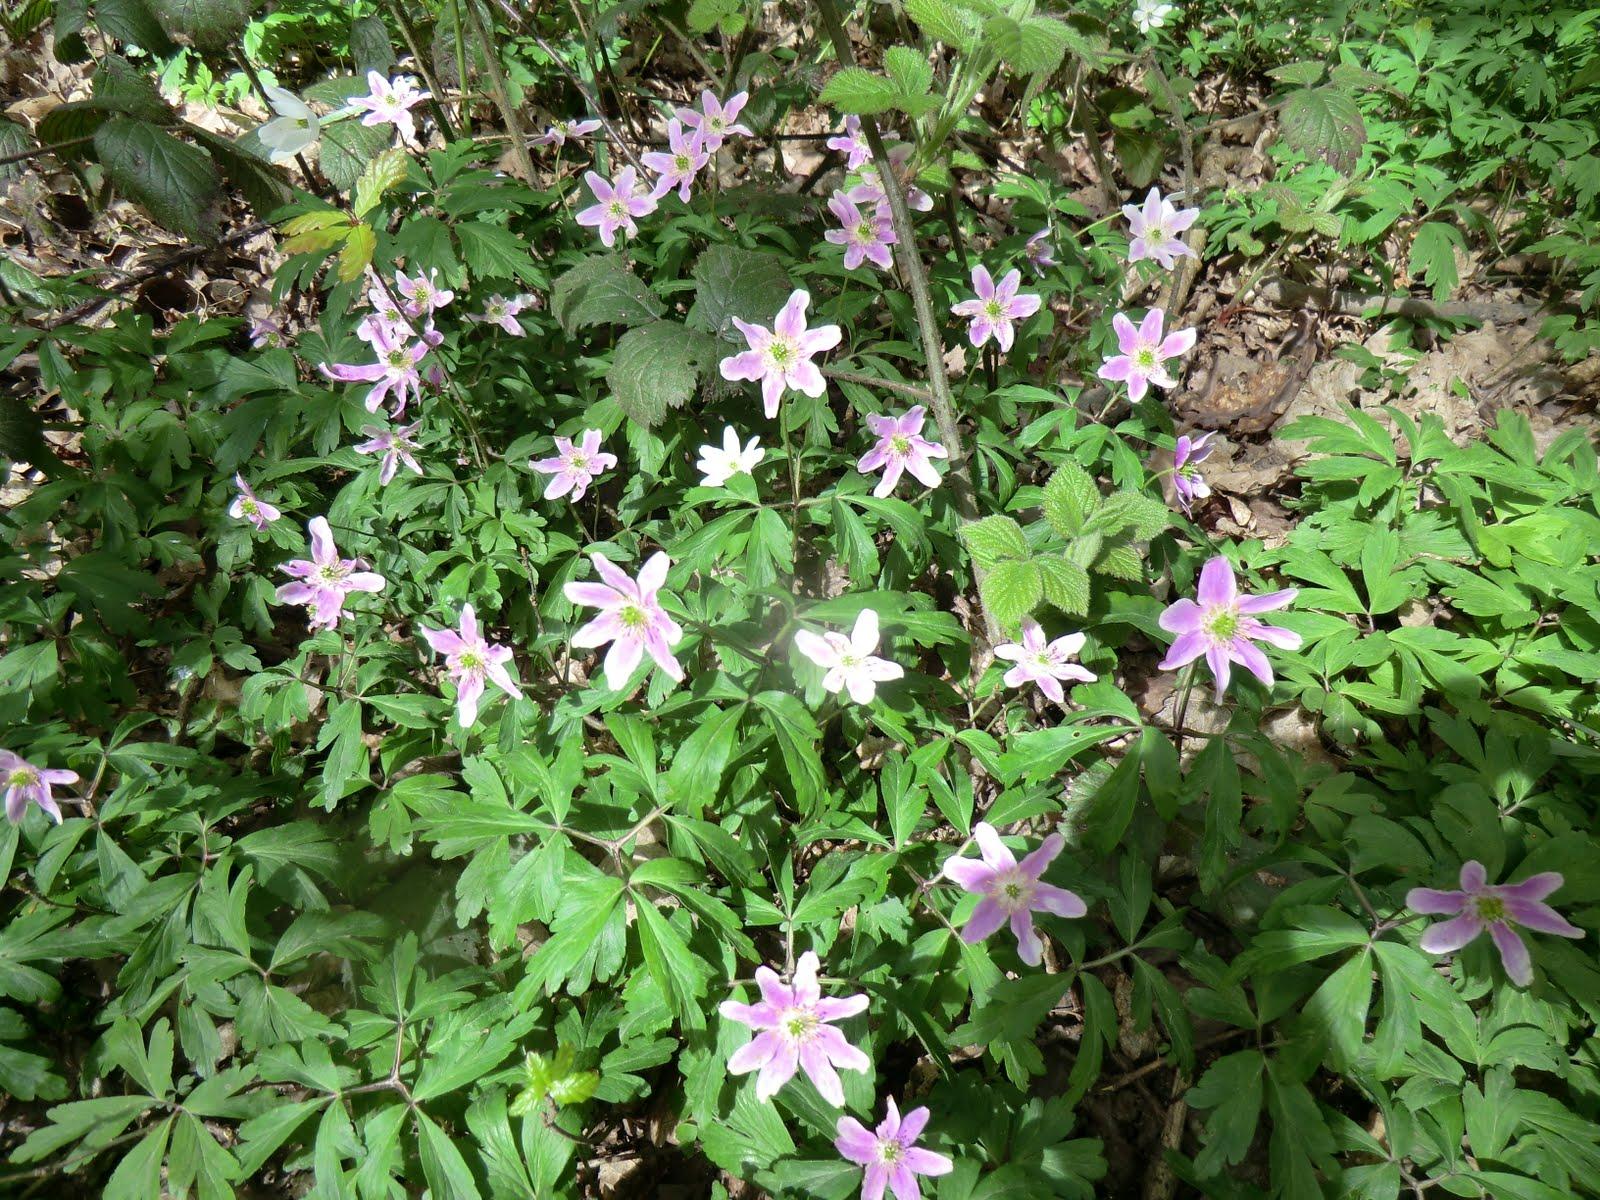 CIMG4208 Purple-tinged wood anemones, Selsdon Wood